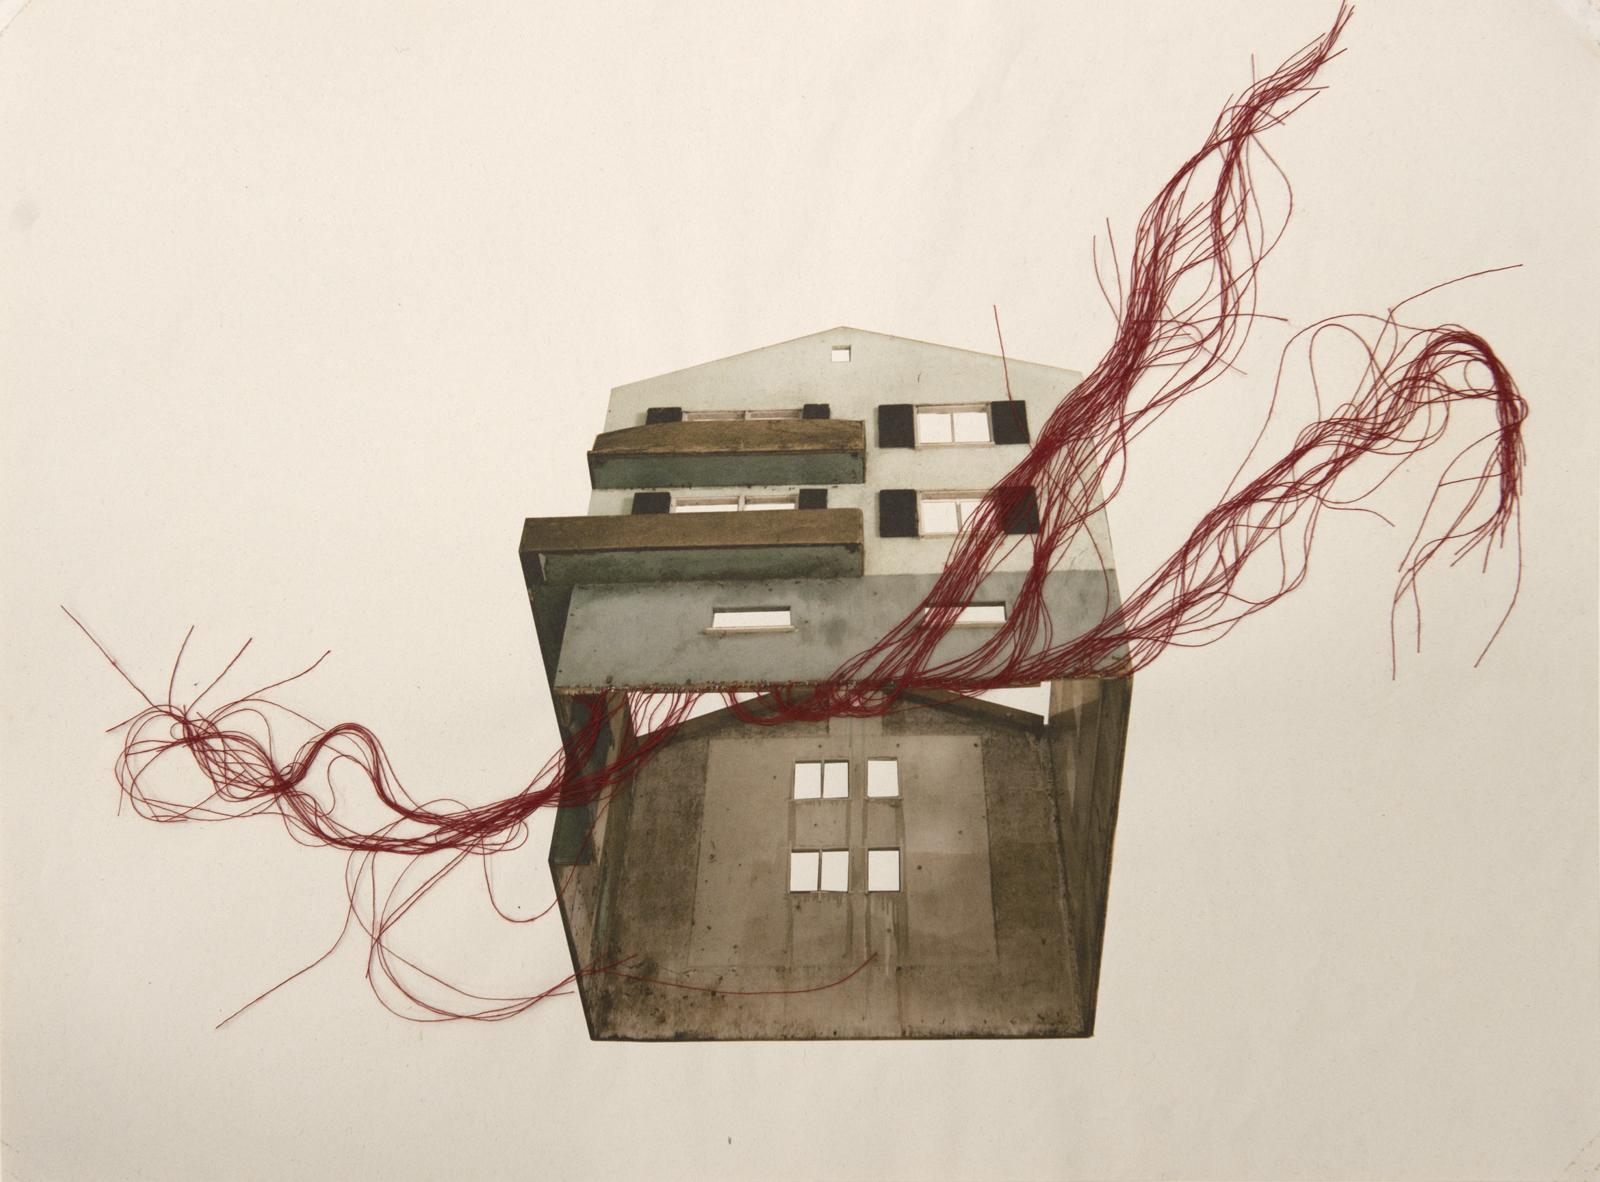 2012_Haus-im-Kopf_Roter-Faden_02